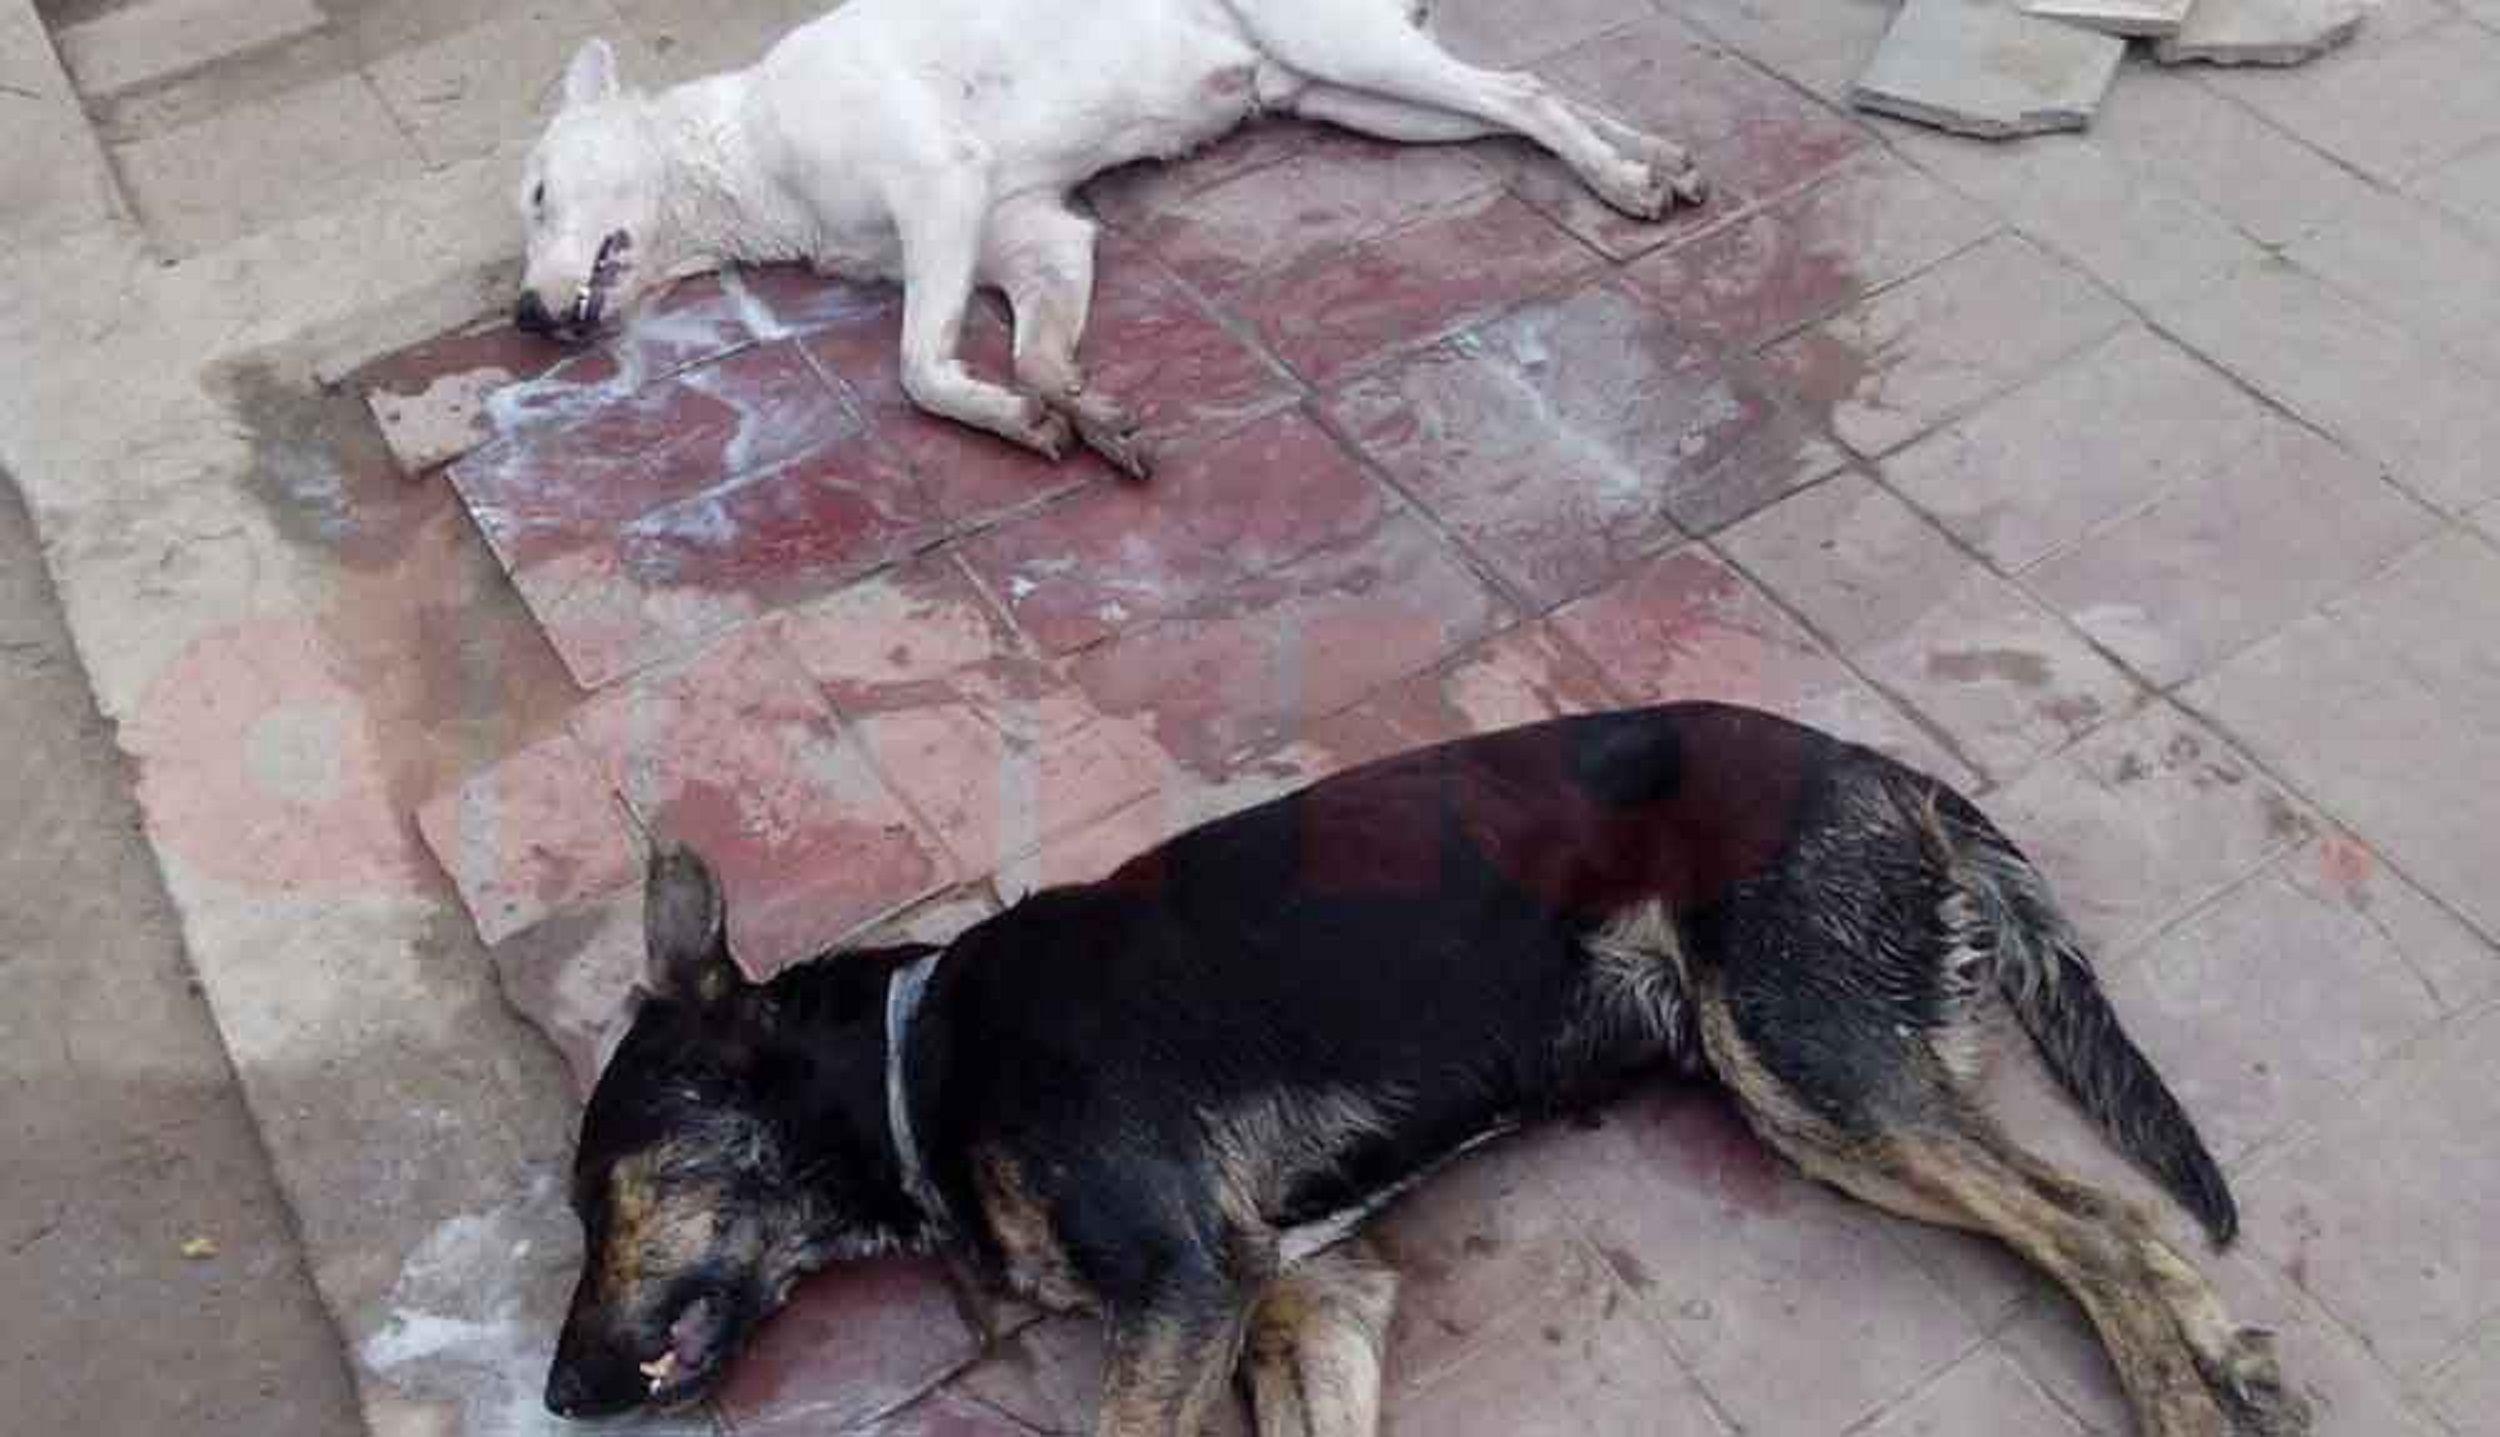 Desalmados: envenenaron a seis perros con comida